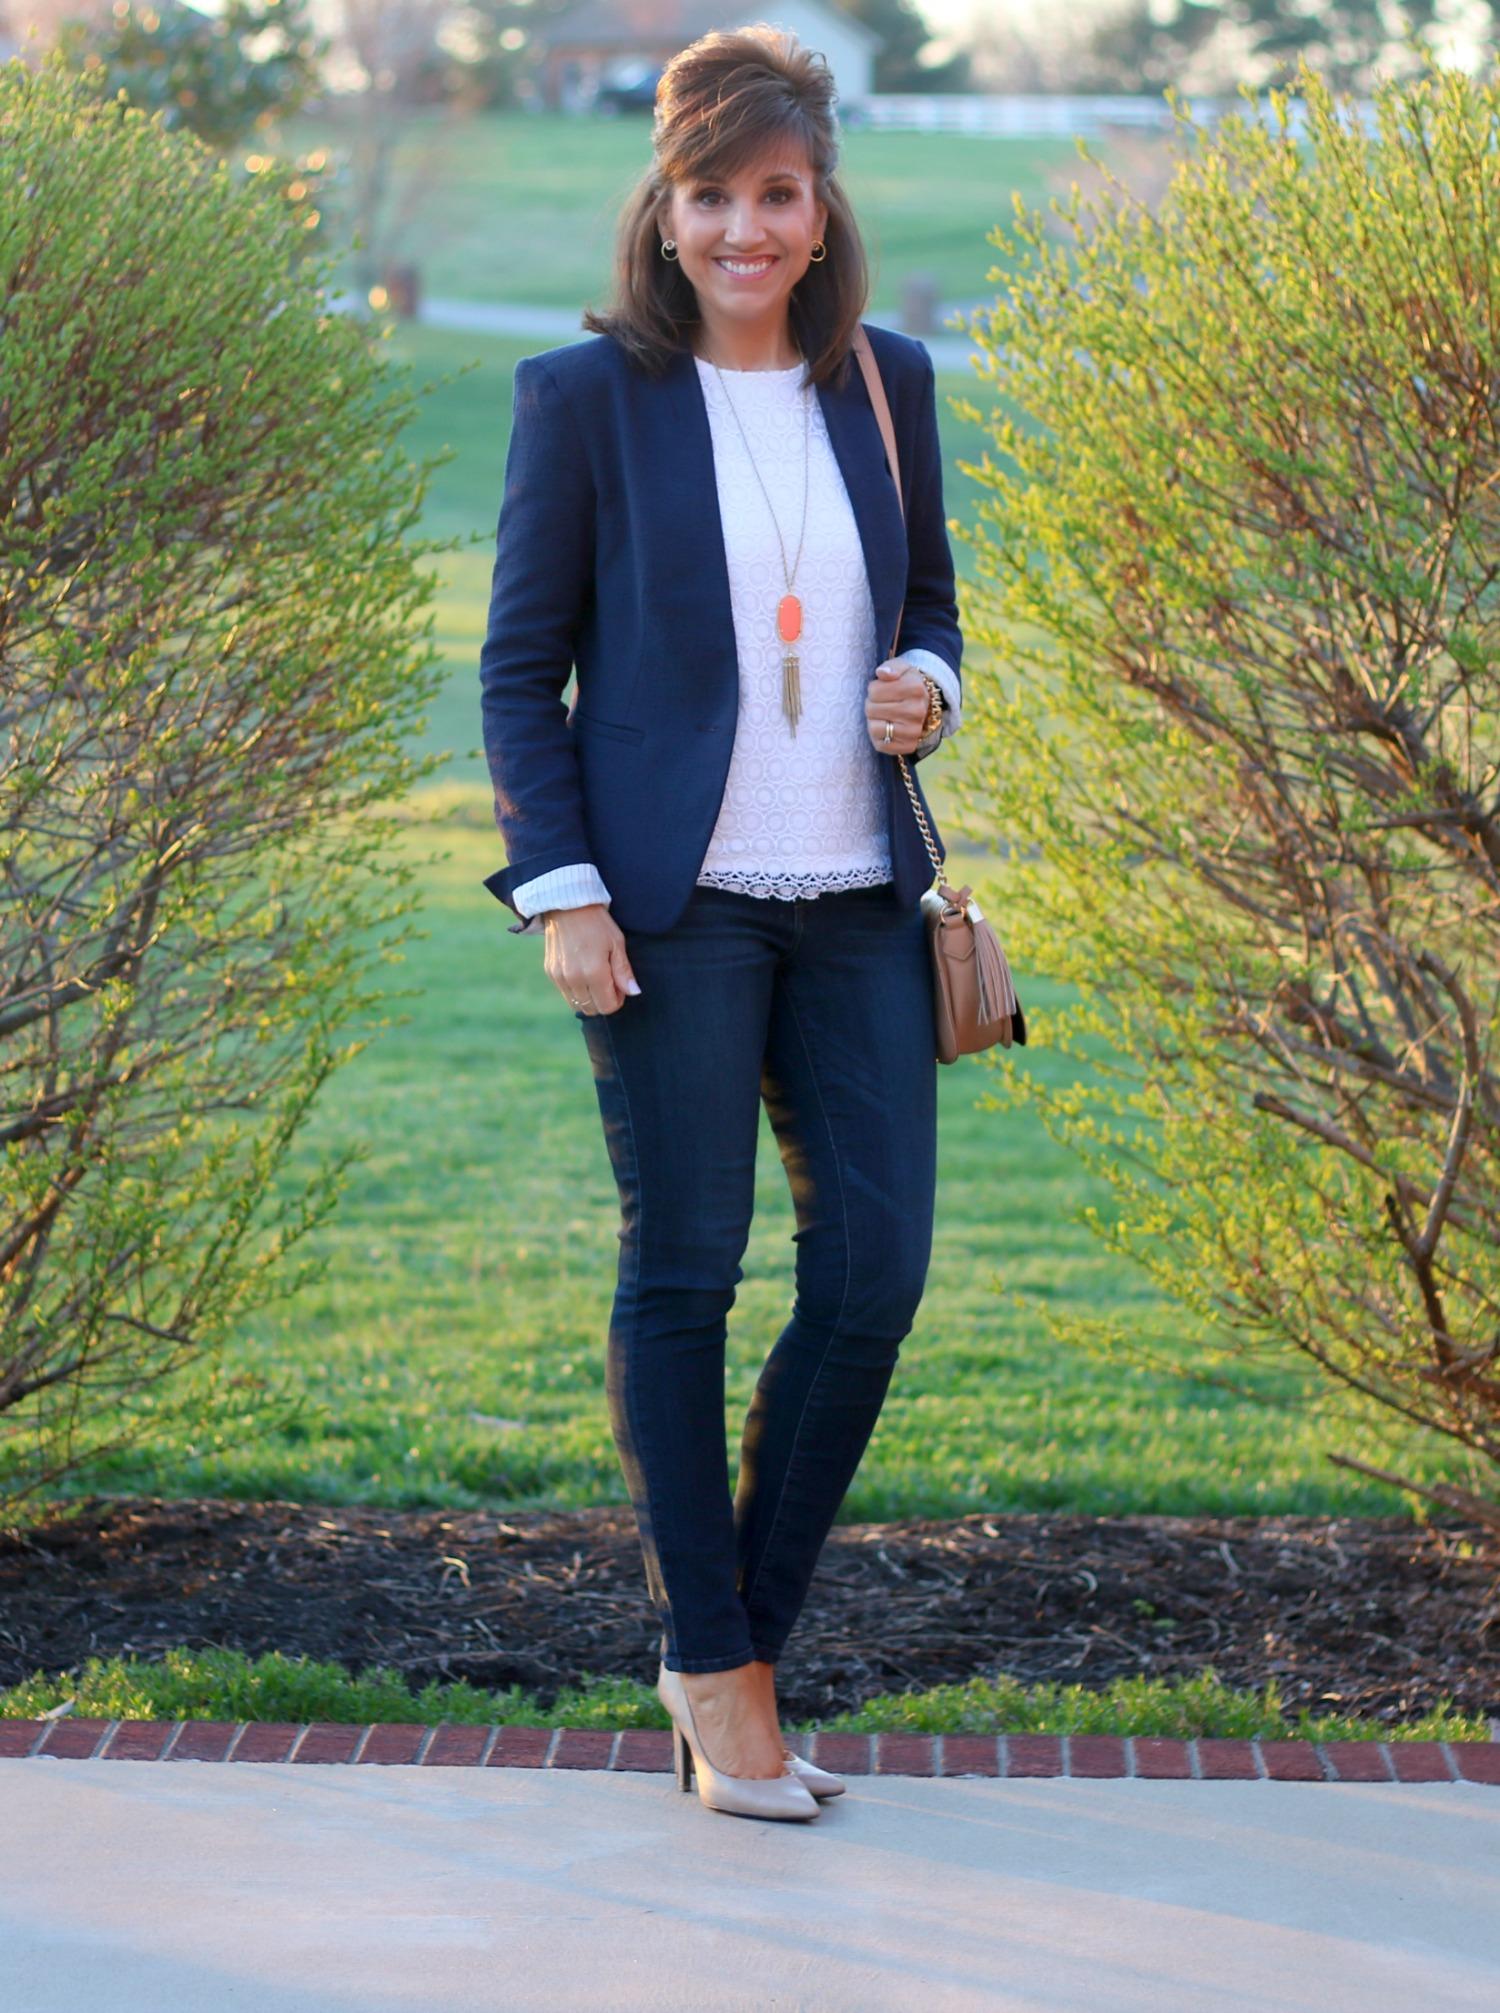 27 Days of Spring Fashion: Navy Blazer